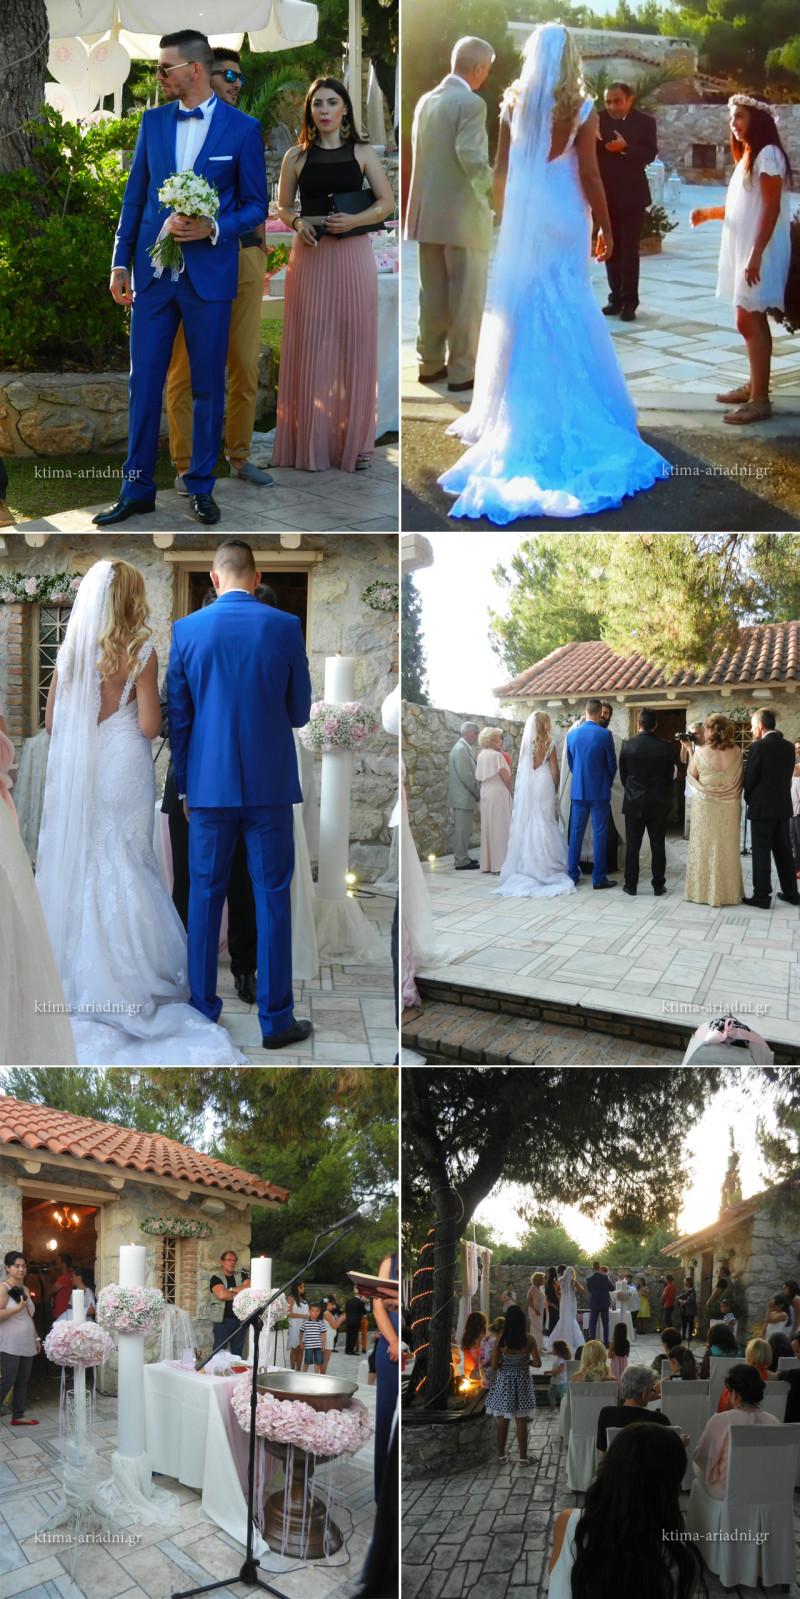 Στιγμιότυπα από τον γάμο του Βαγγέλη και της Ειρήνης, καθώς και από τη βάπτιση της Ραφαέλας που έγινε αμέσως μετά